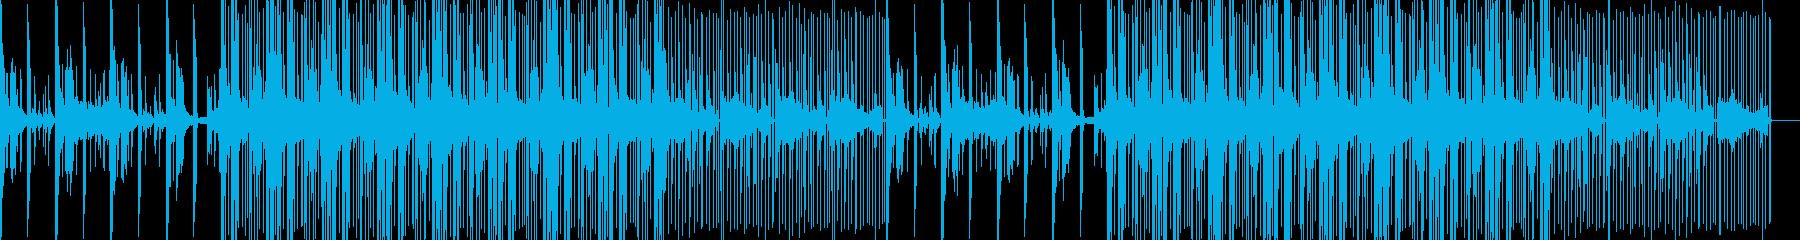 ギターカッティングのハウスミュージックの再生済みの波形